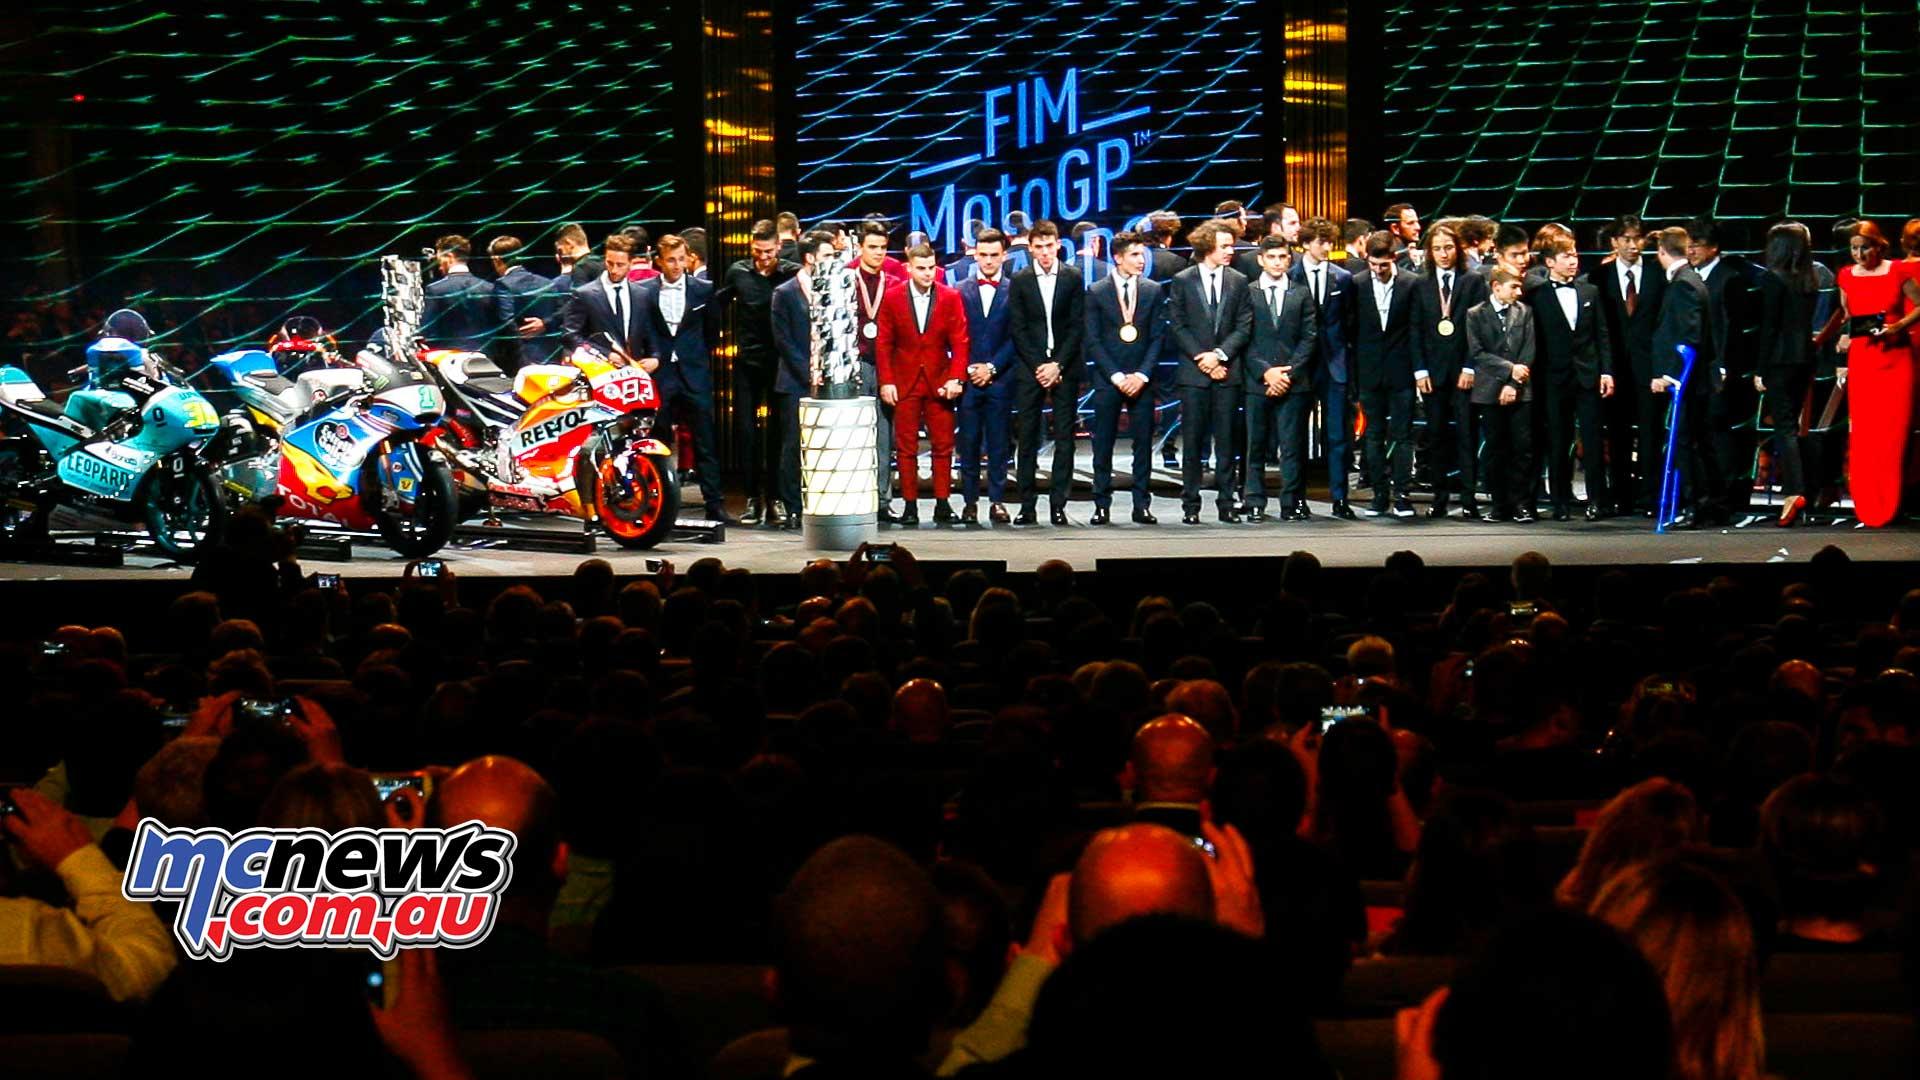 FIM Awards Ceremony closes MotoGP 2017 season | MCNews.com.au